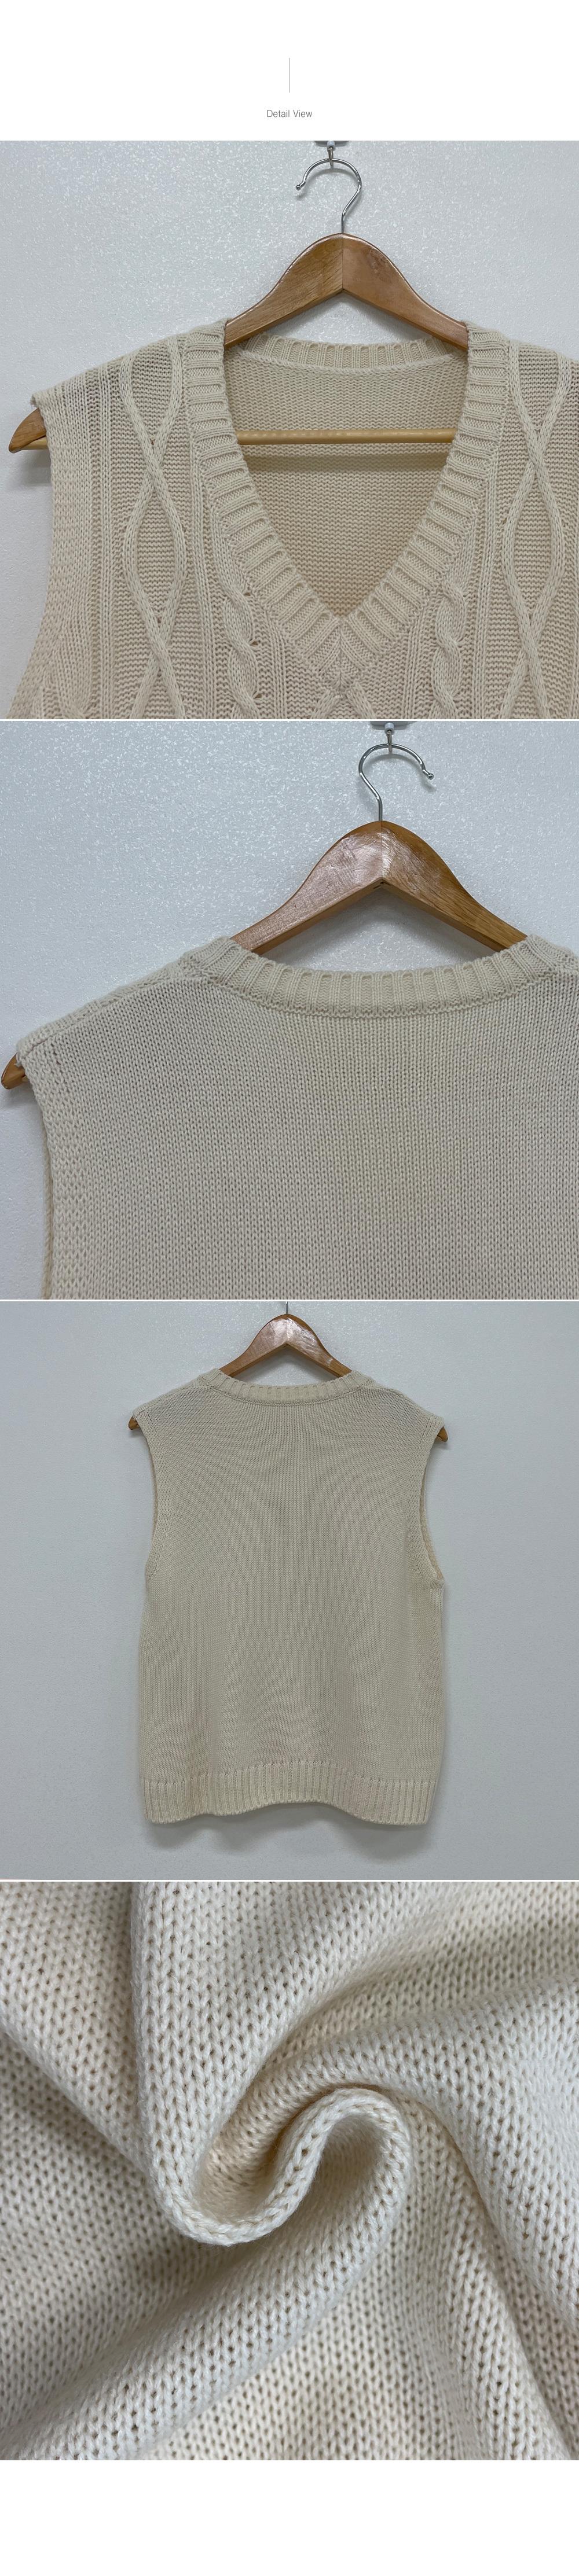 Rye, Layered V-Neck Knitwear Best Vest